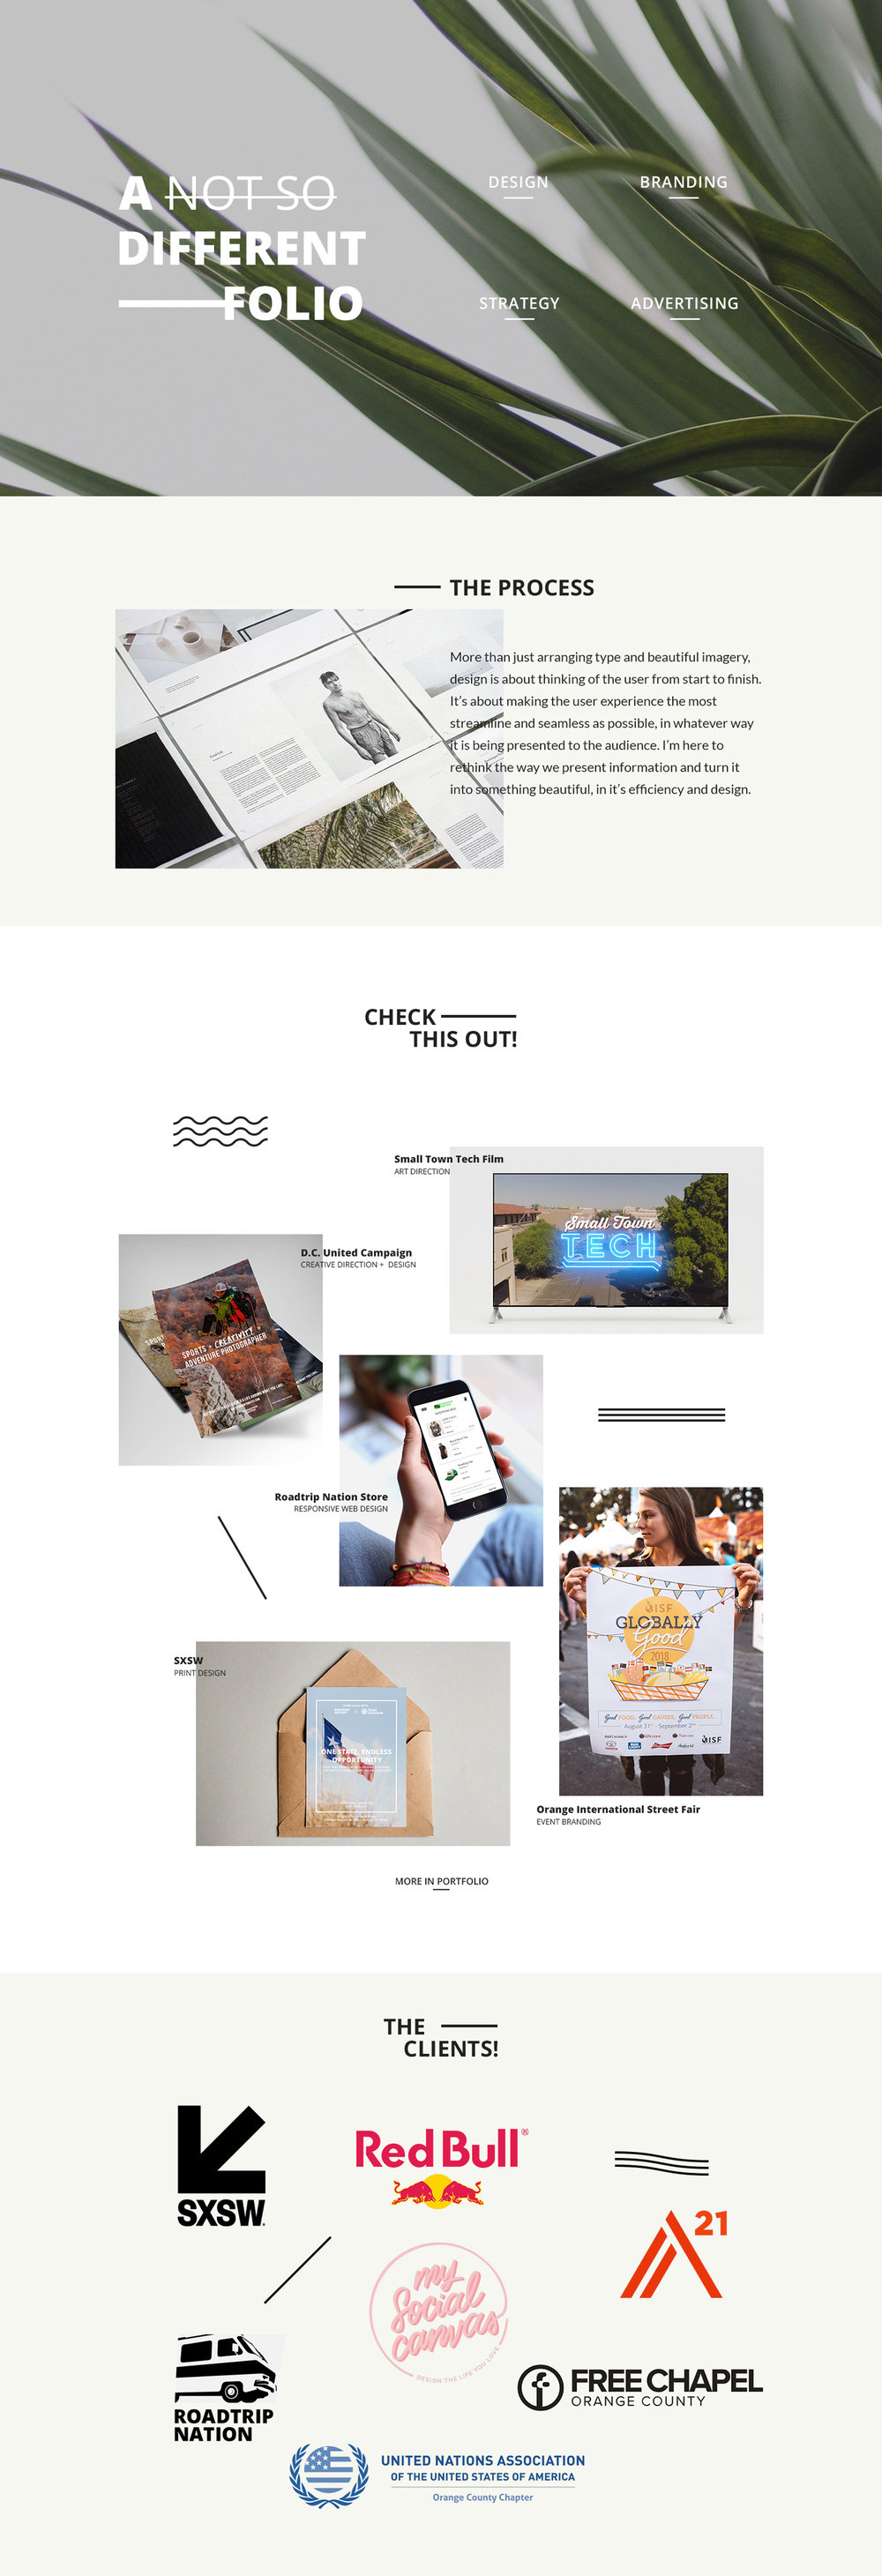 Design-landing-page.jpg